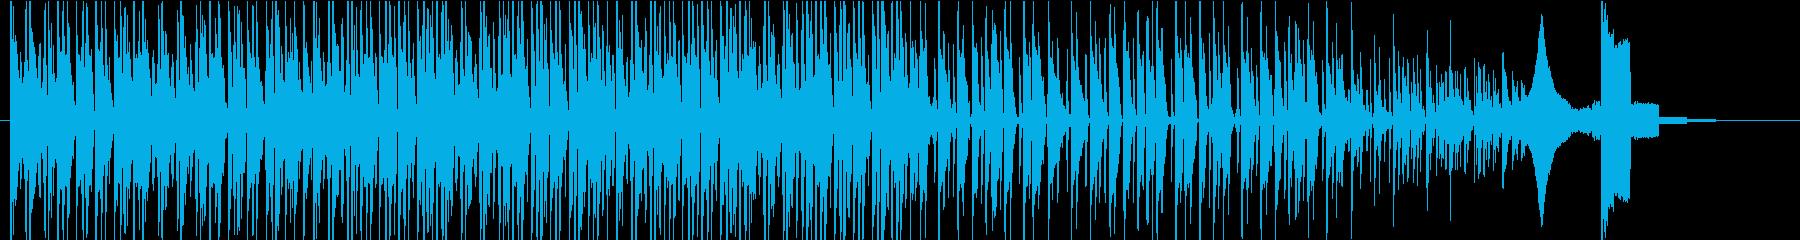 ヒップホップの要素と催眠術をかける...の再生済みの波形